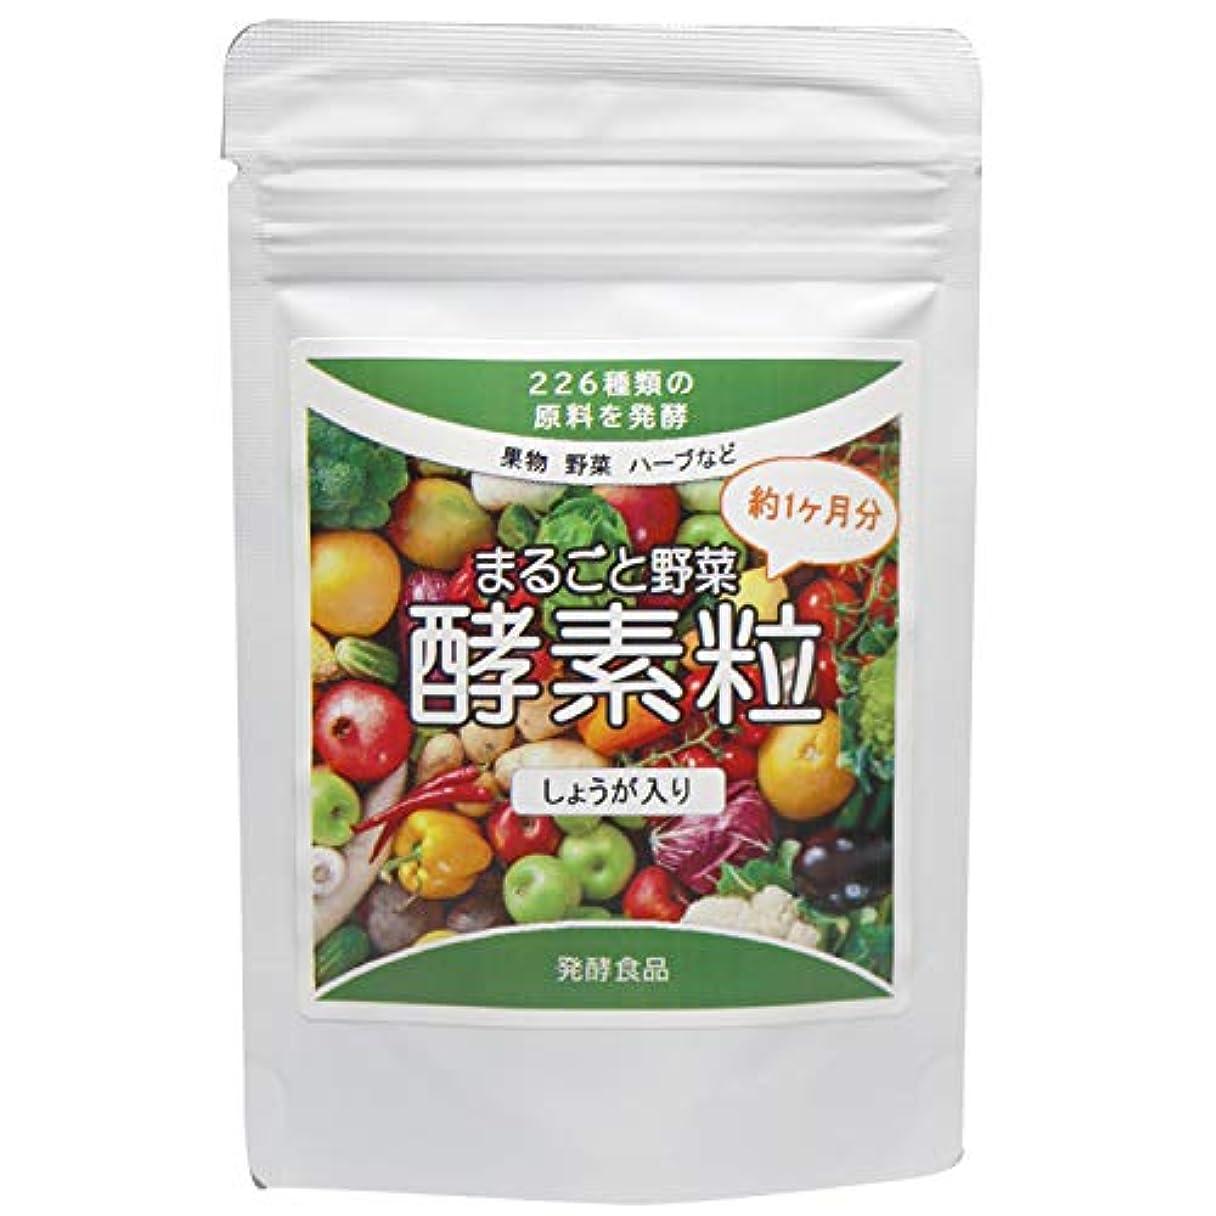 相互推進愛情まるごと野菜酵素粒 226種類の野菜発酵(しょうが入り) 約4ヶ月分 (440mg×120粒)